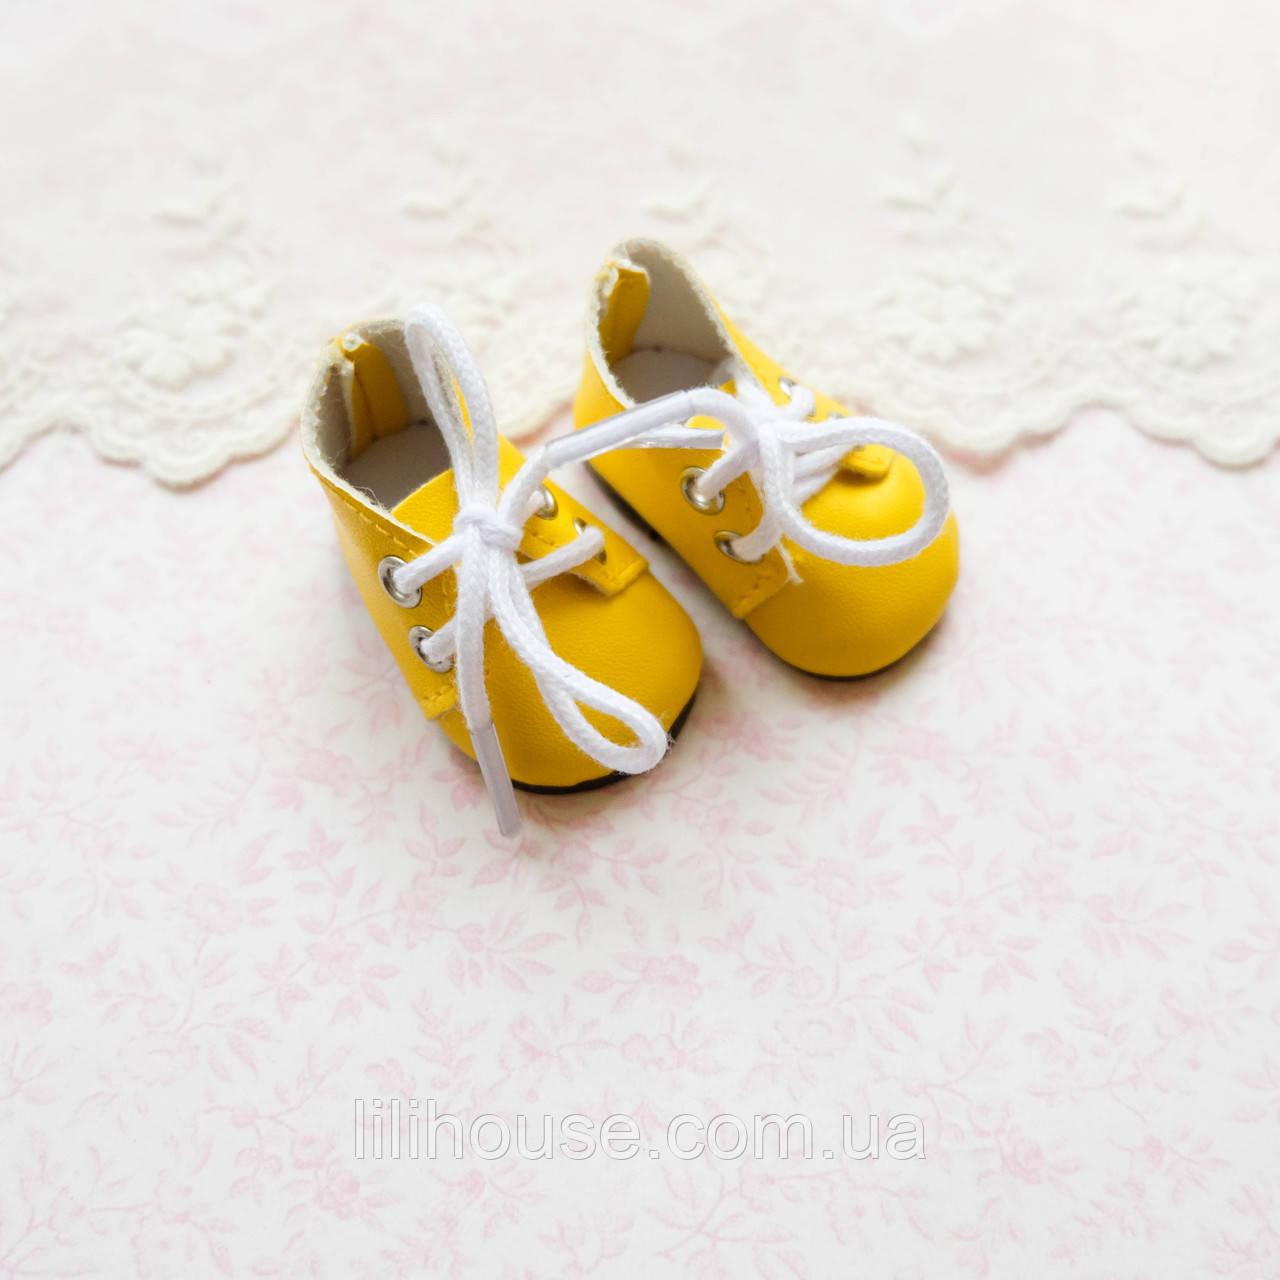 Обувь для кукол Ботиночки на Шнуровке 5*2.5 см ЖЕЛТЫЕ